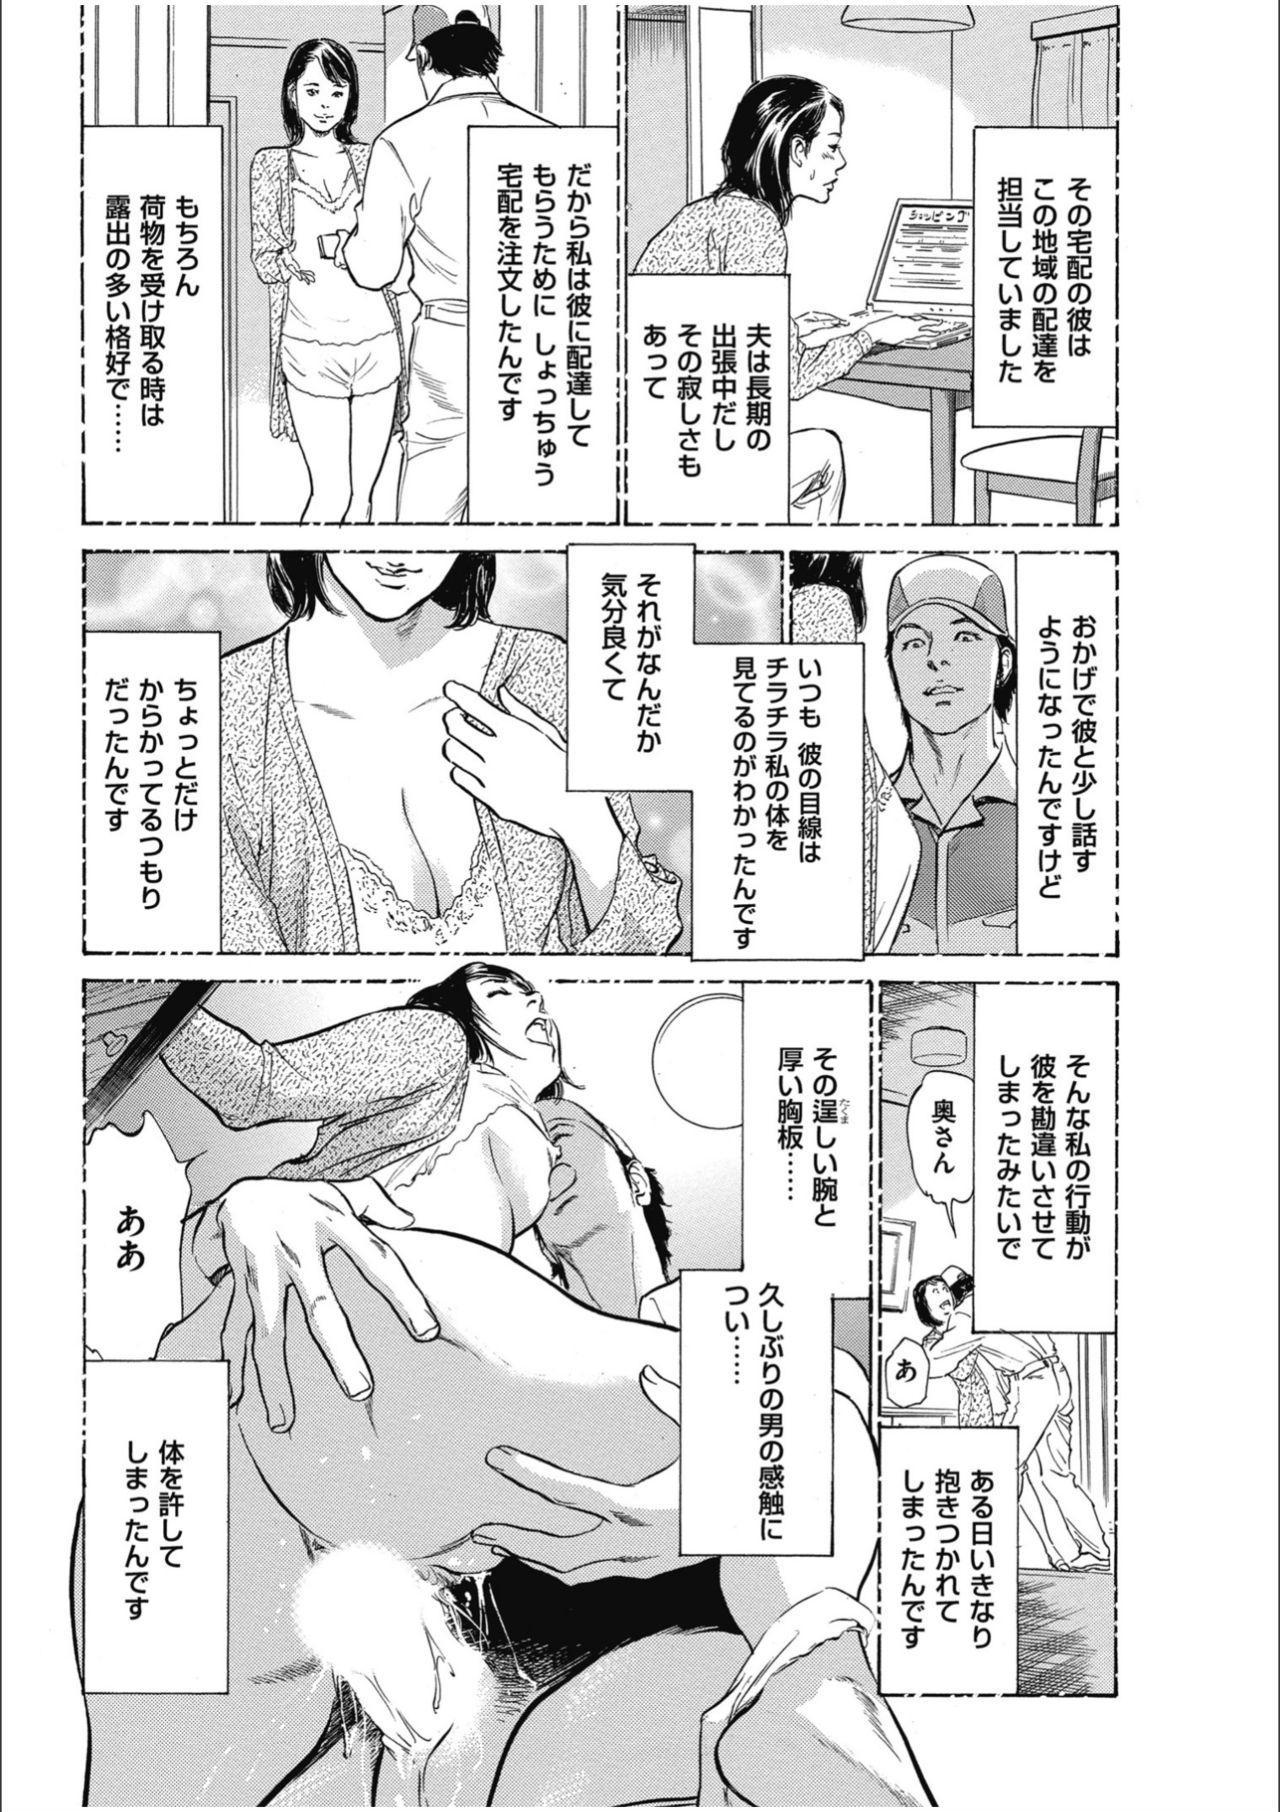 八月薫傑作マジセレ Hな体験教えます 女性投稿12連発 25